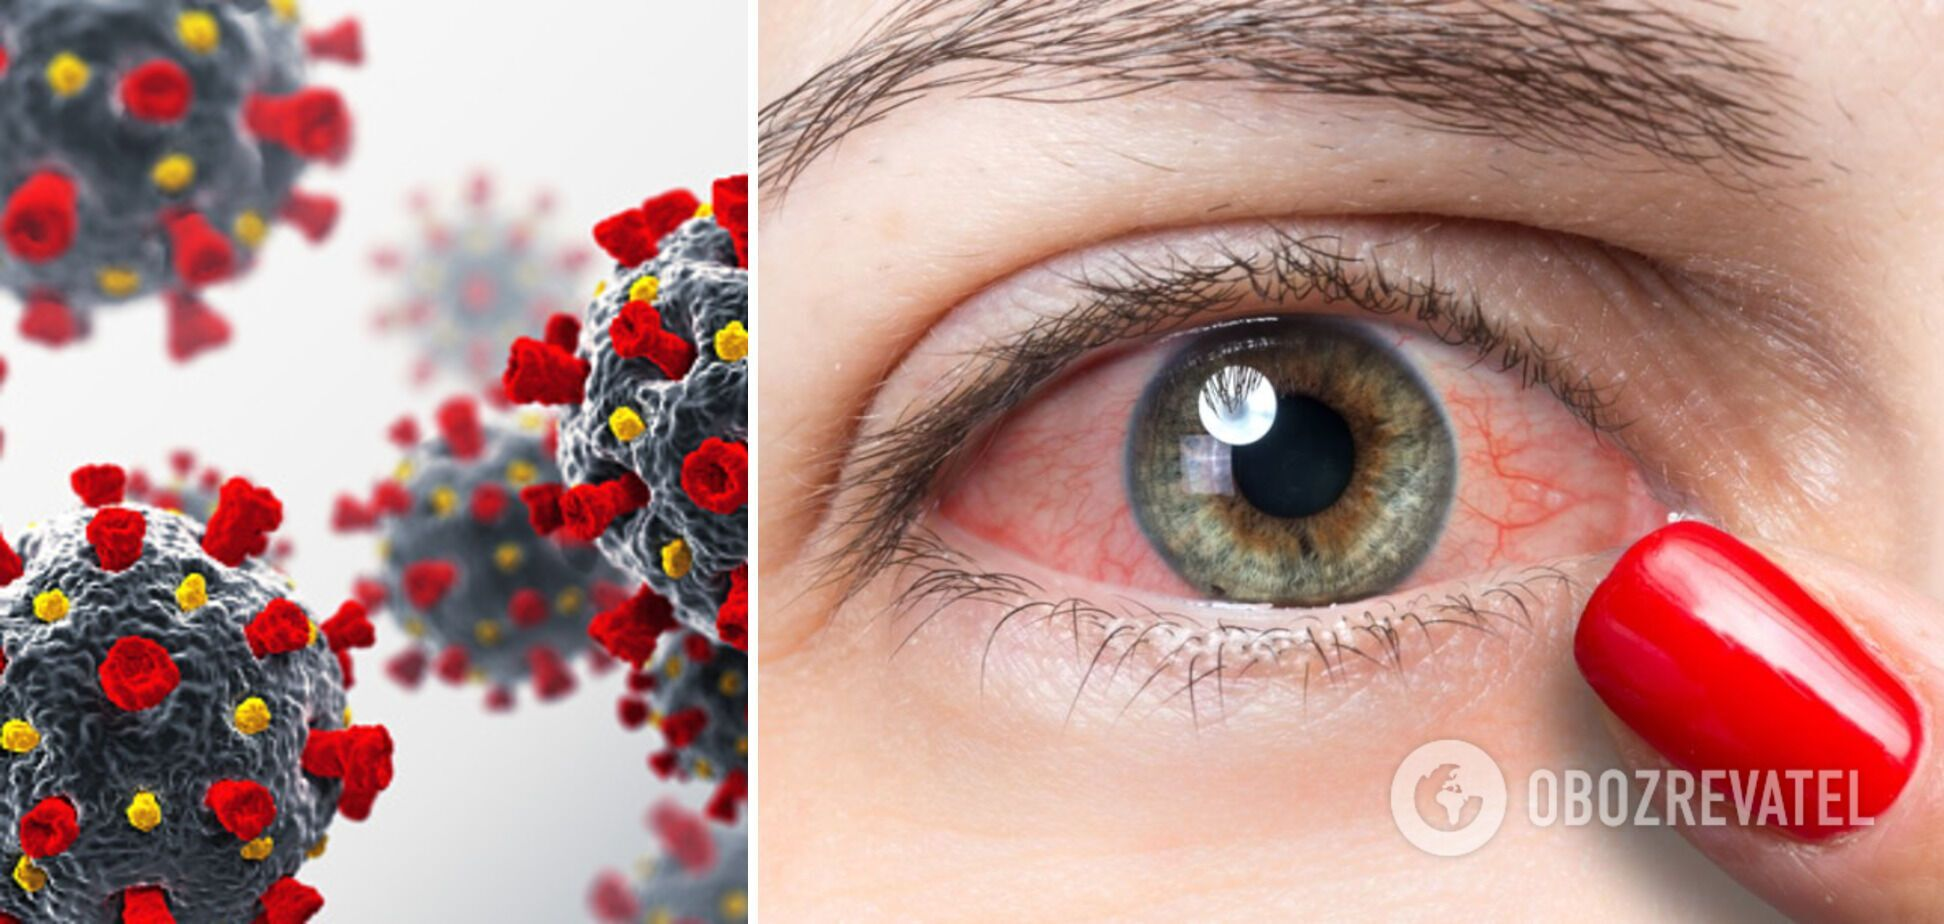 COVID-19 может привести к кровоизлиянию в глаз, – врач